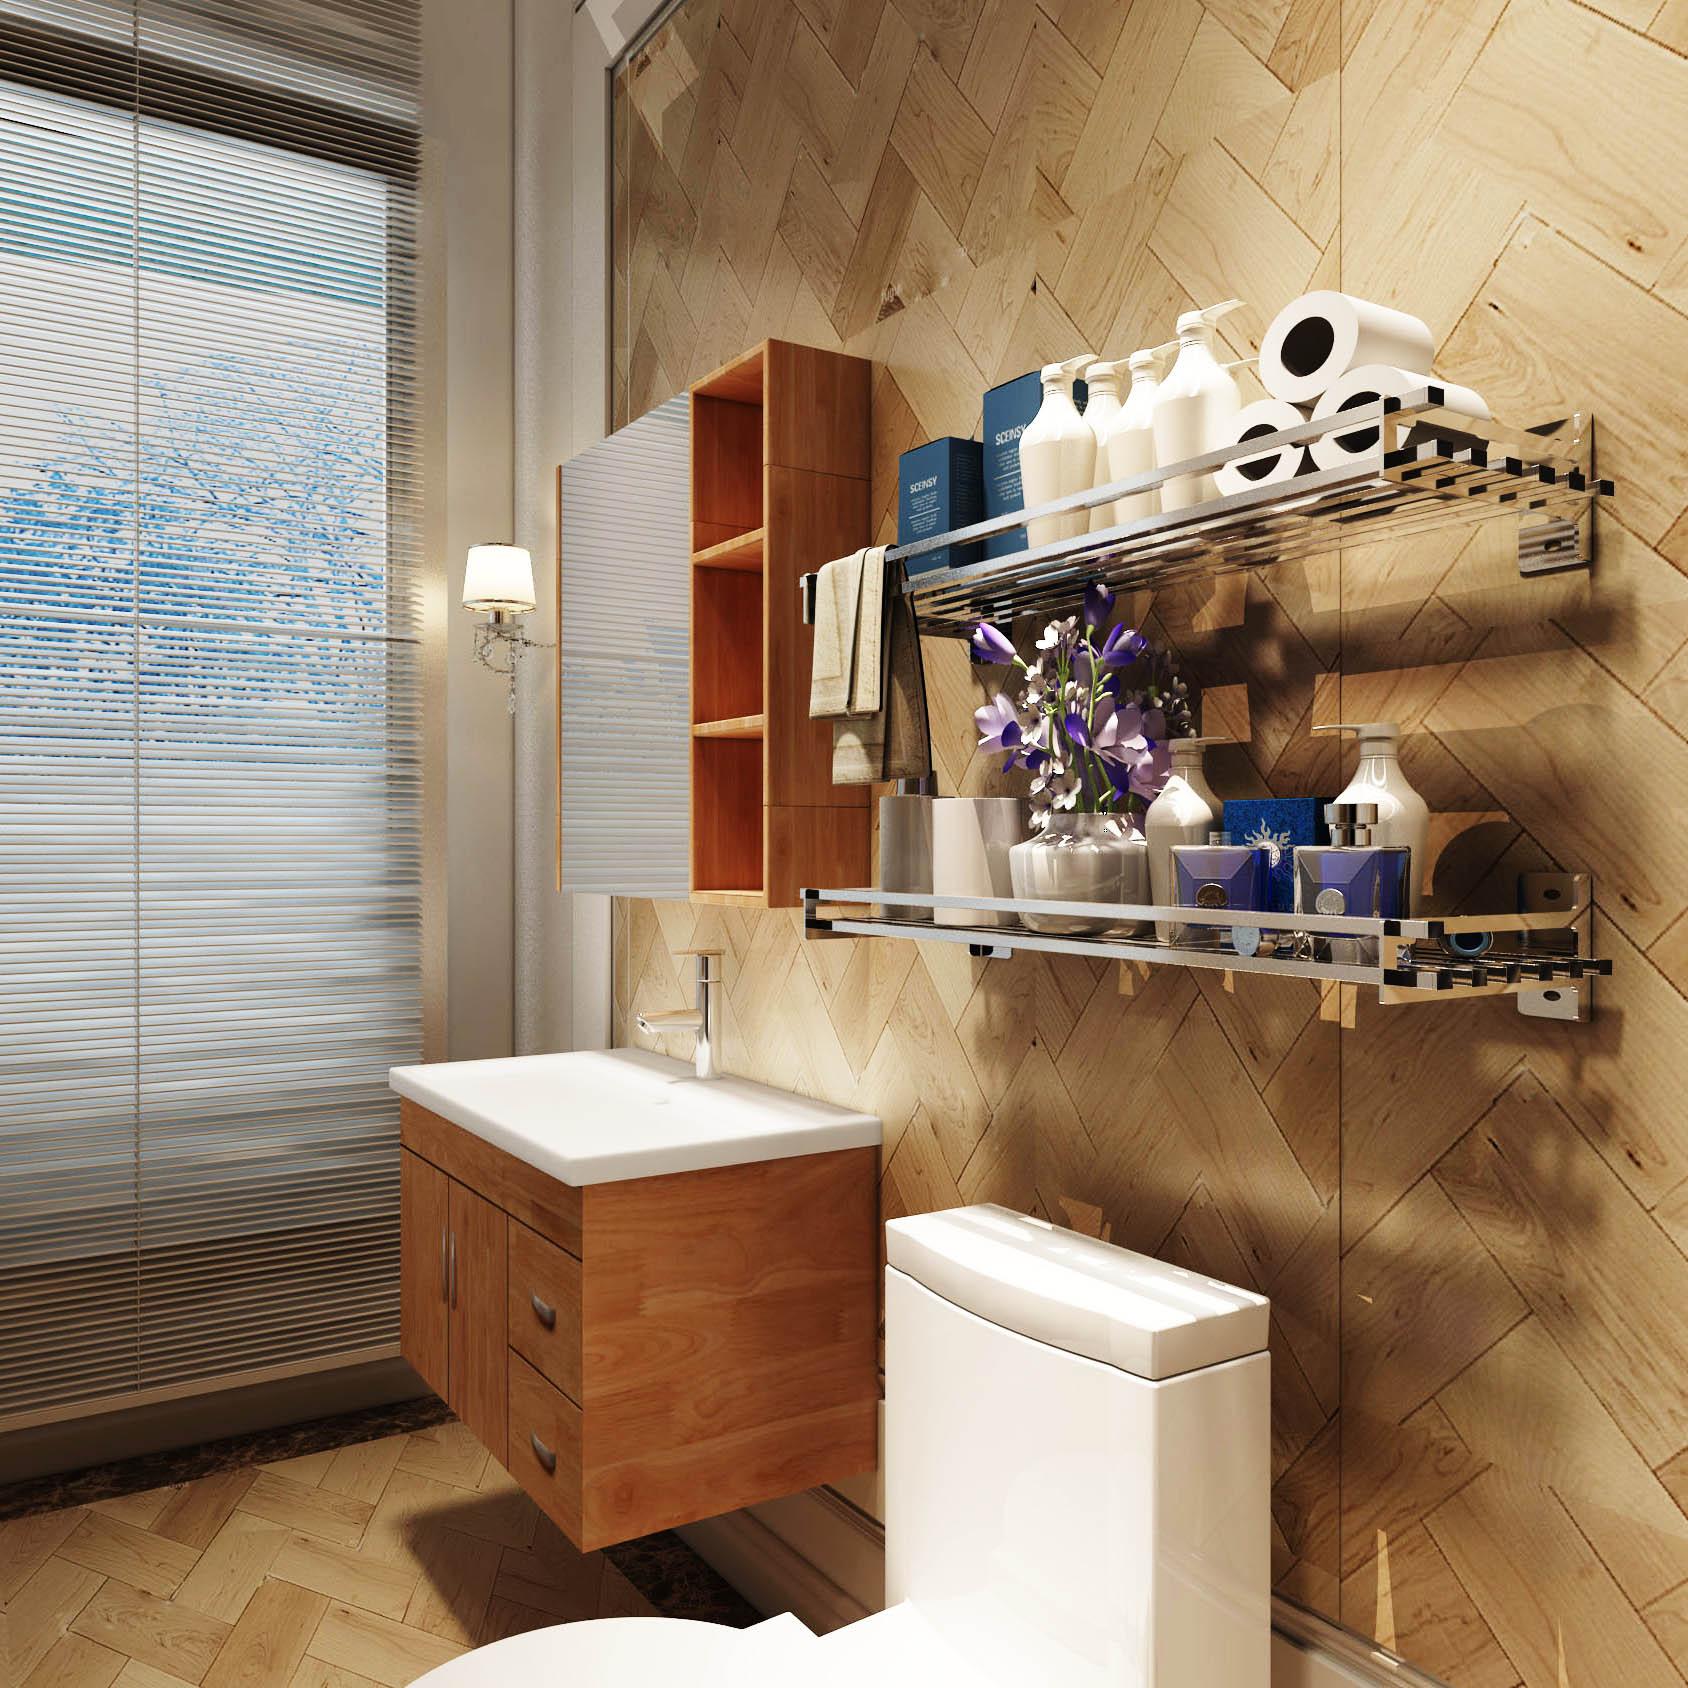 La costumbre de acero inoxidable para colgar en la pared de la lavadora Rack de almacenamiento estante de hierro forjado del balcón con marco flores.